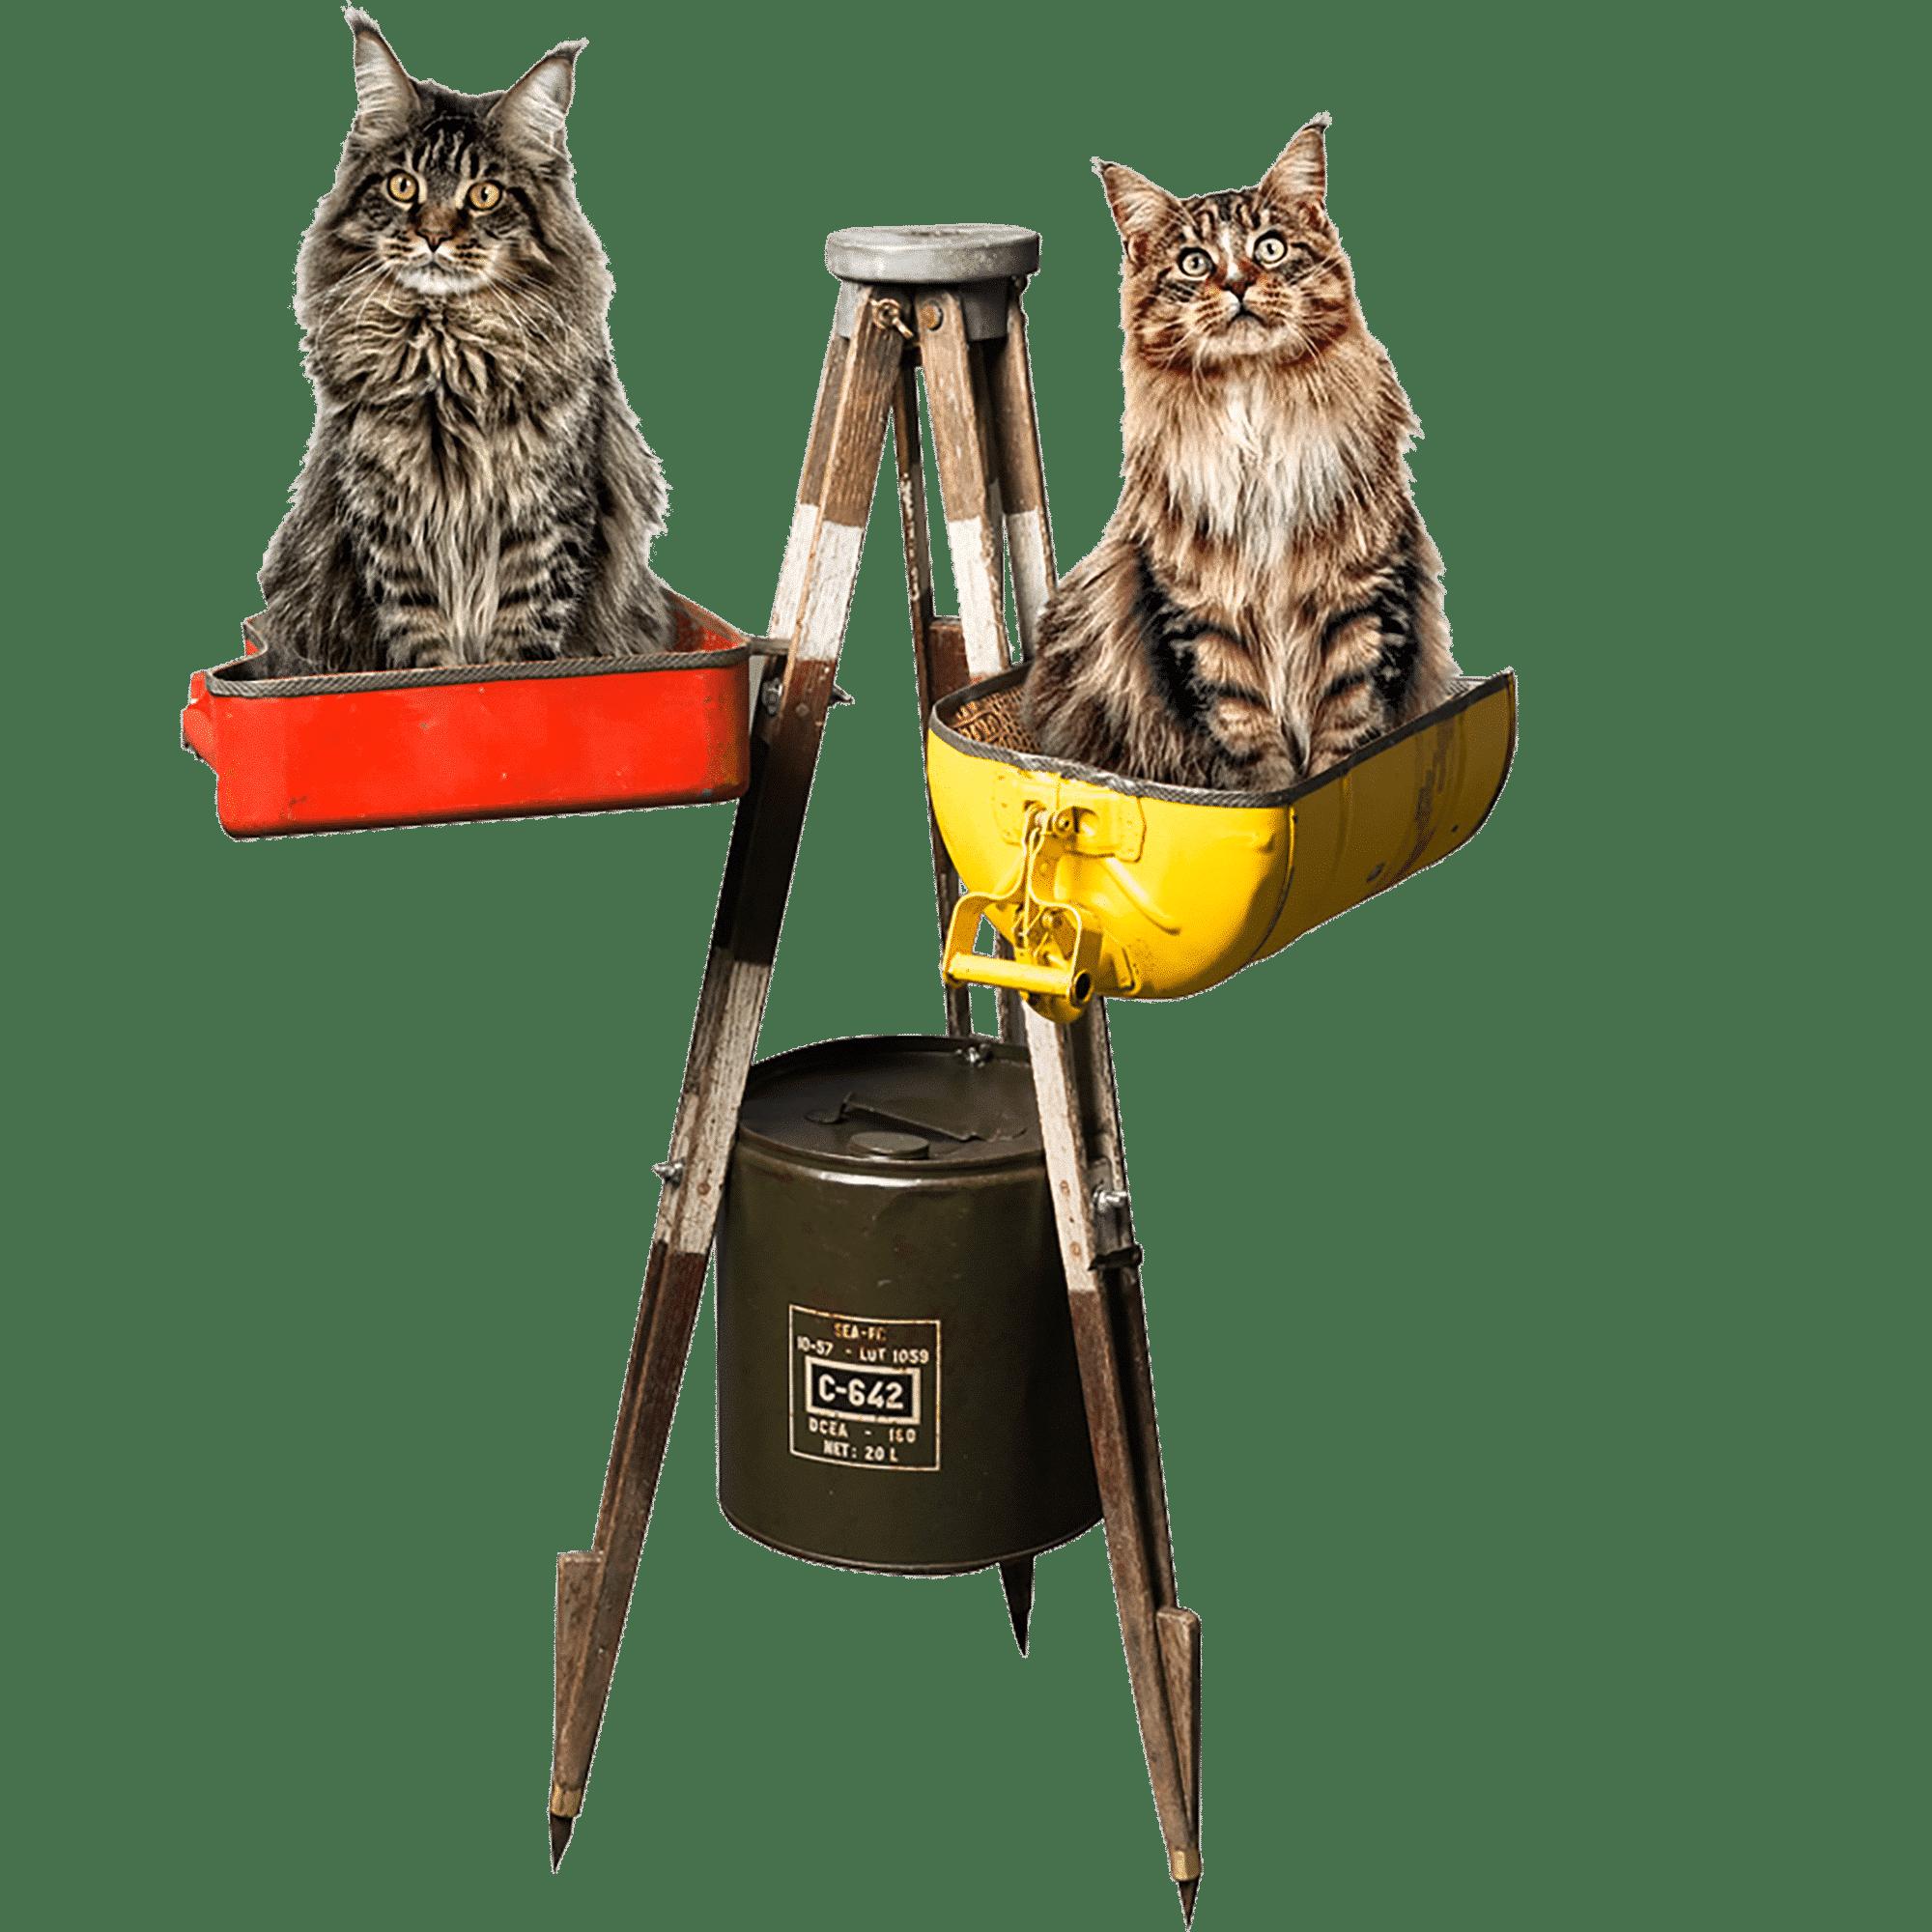 chat luxe accessoires pour animaux banquette pour chien haut de gamme. Black Bedroom Furniture Sets. Home Design Ideas